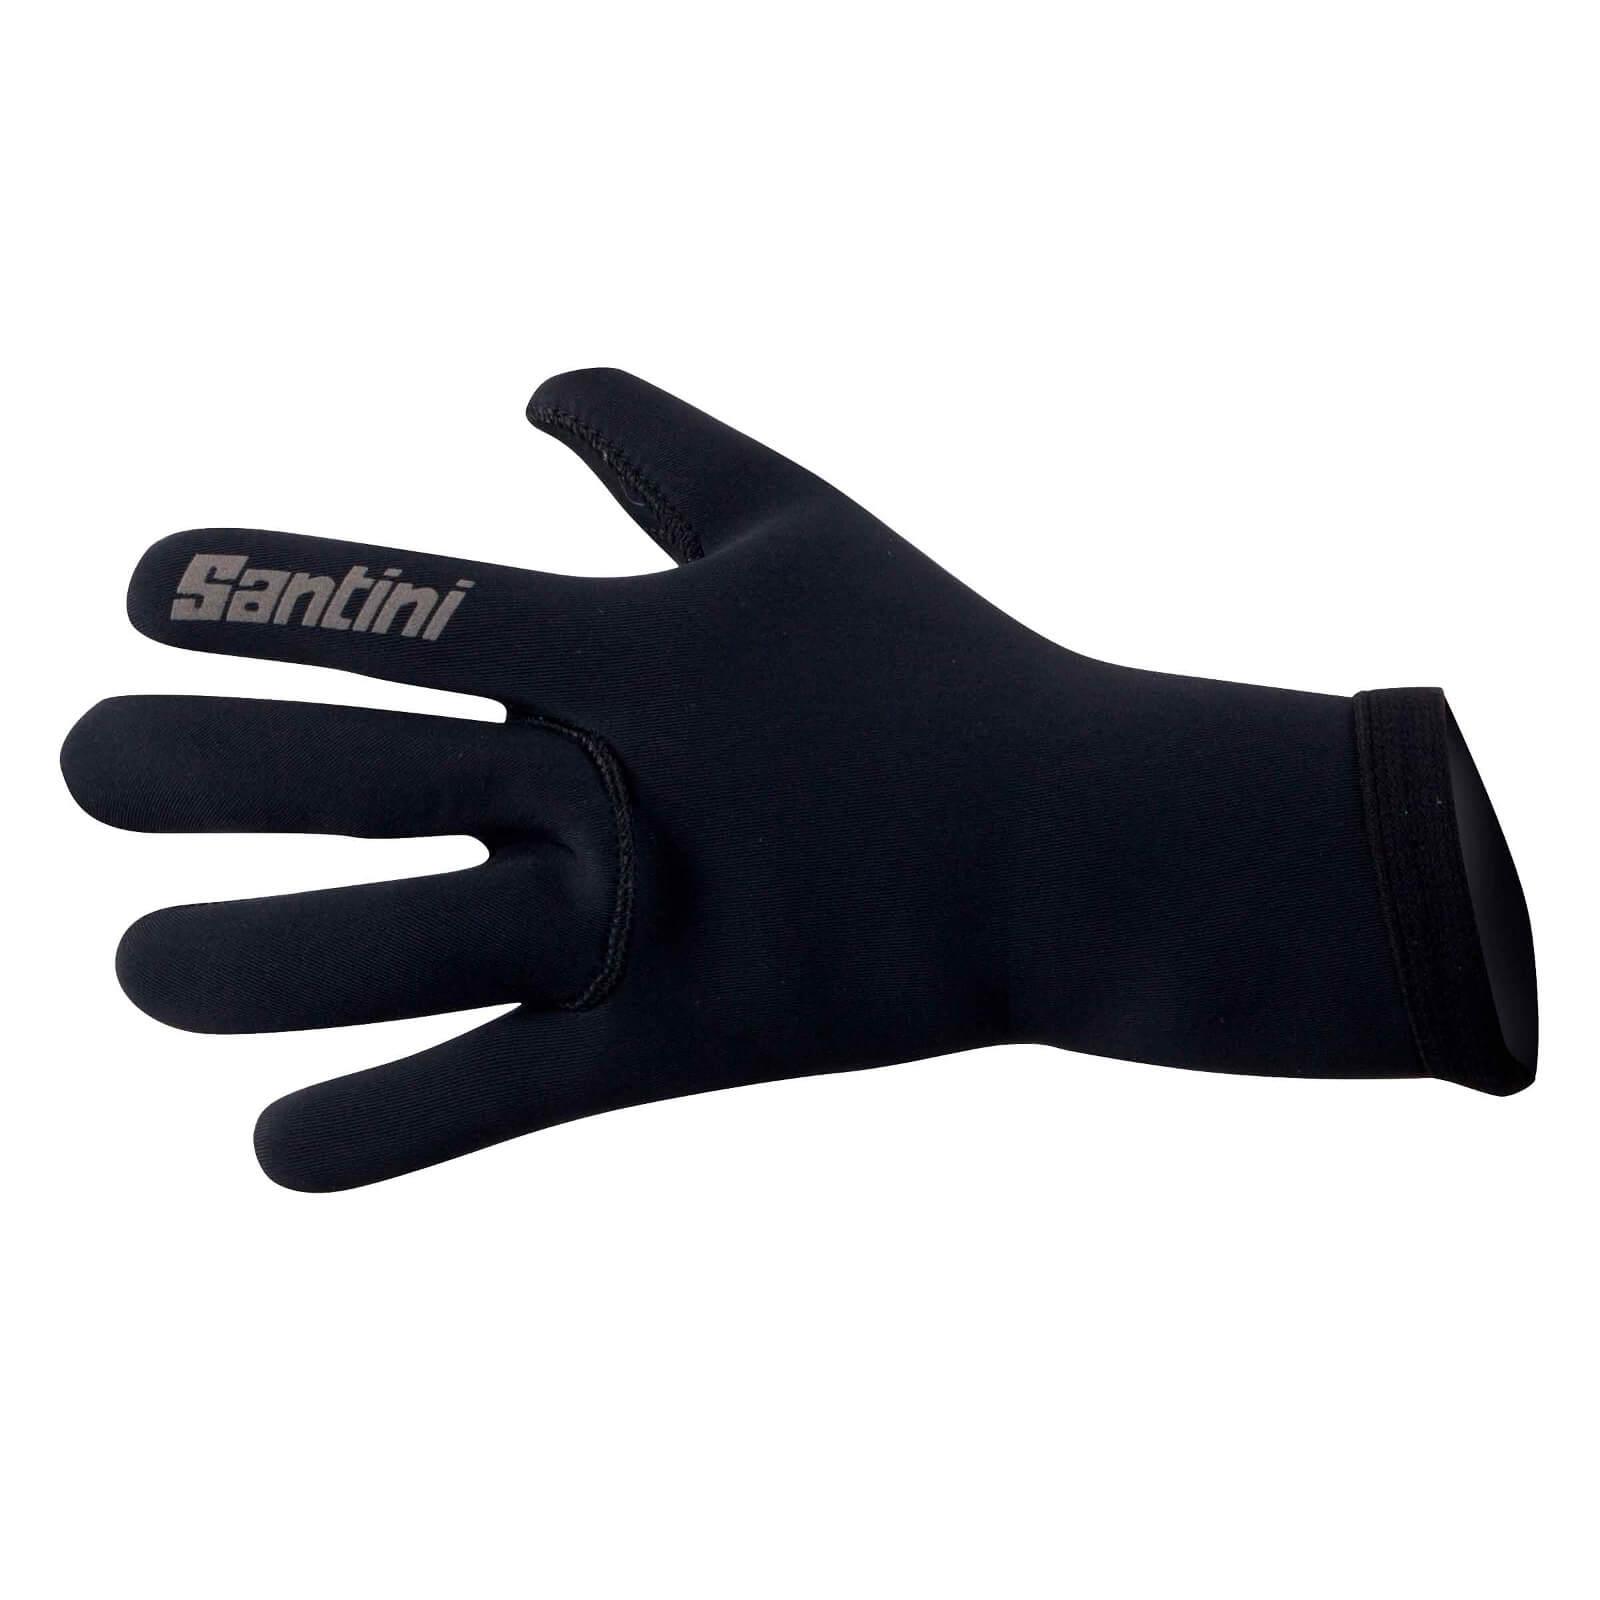 Santini Neo Blast Neoprene Gloves - Black - S - Black